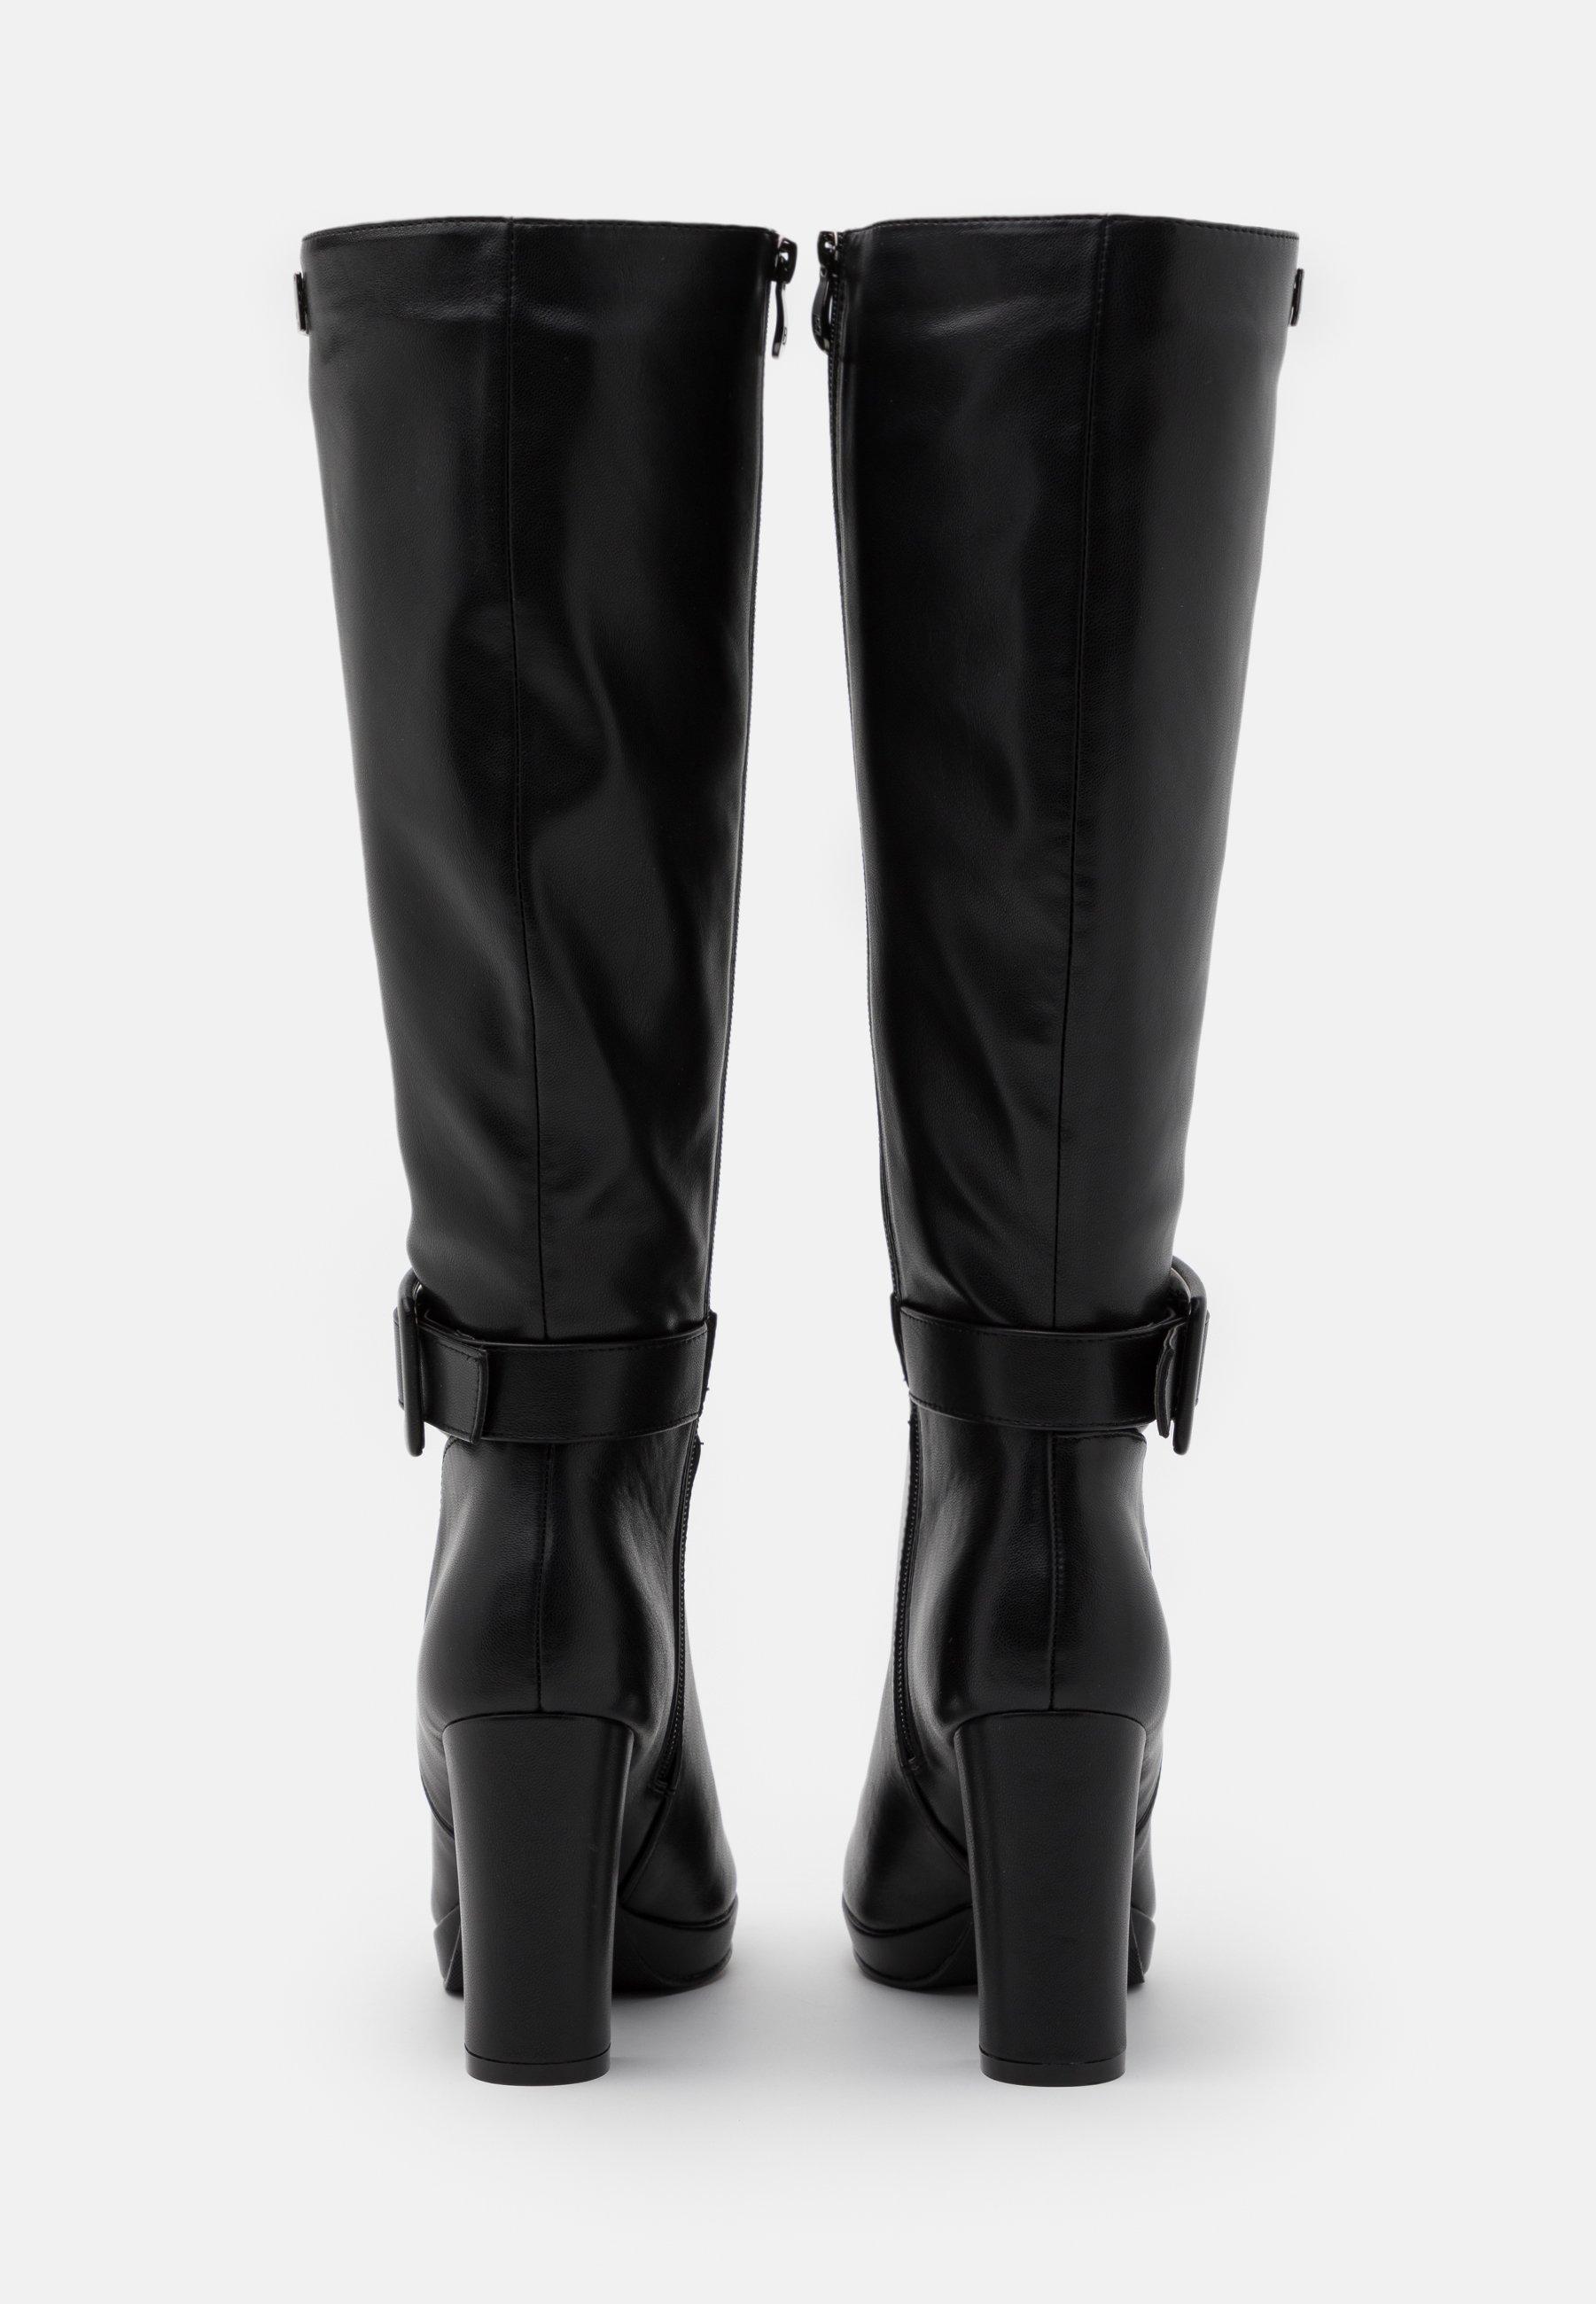 Laura Biagiotti Klassiska stövlar black Zalando.se